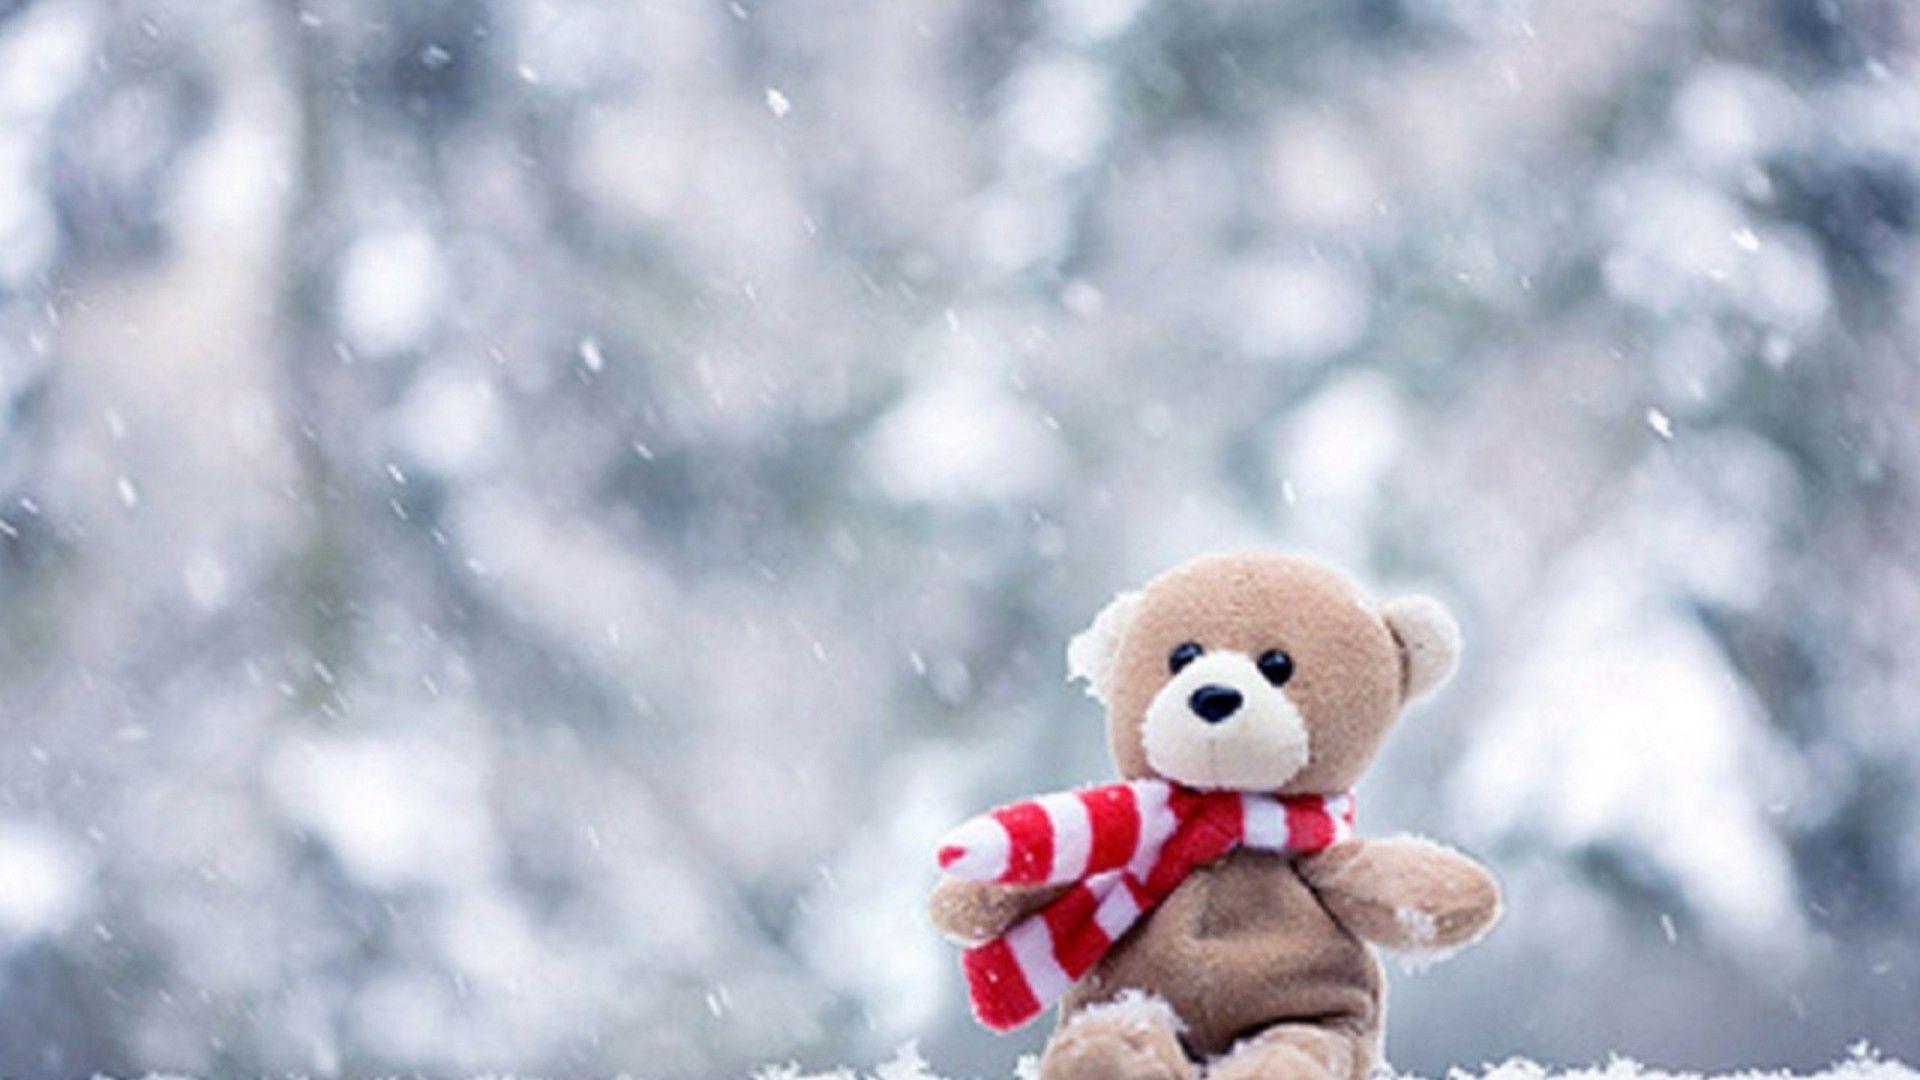 Teddy Bear Desktop Backgrounds HD Best HD Wallpapers in